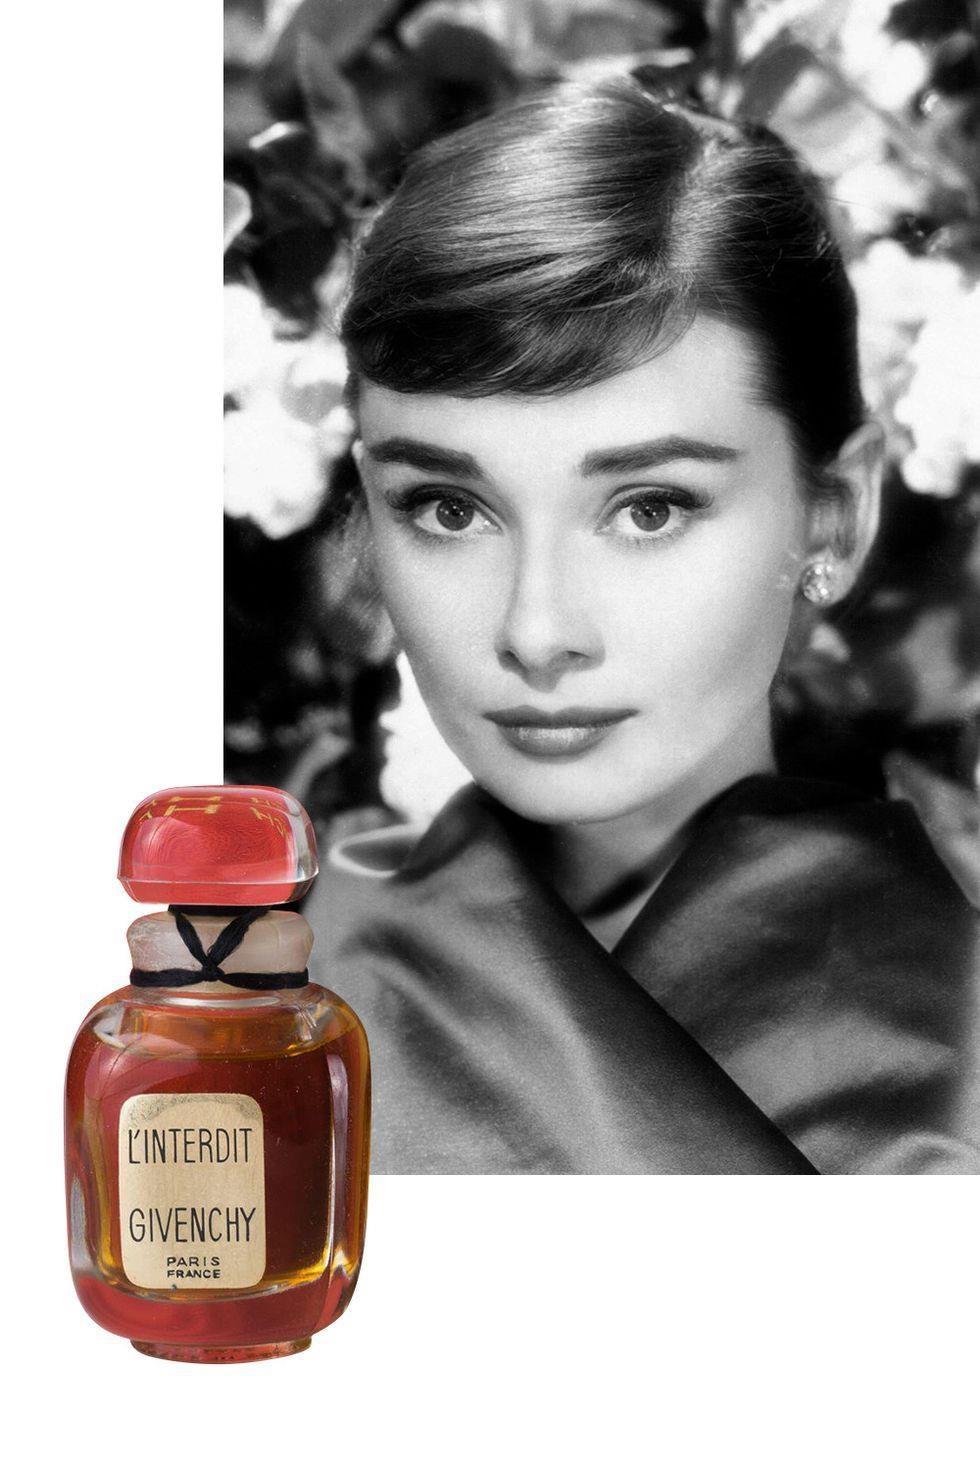 bieu tuong nhan sac Audrey Hepburn anh 5